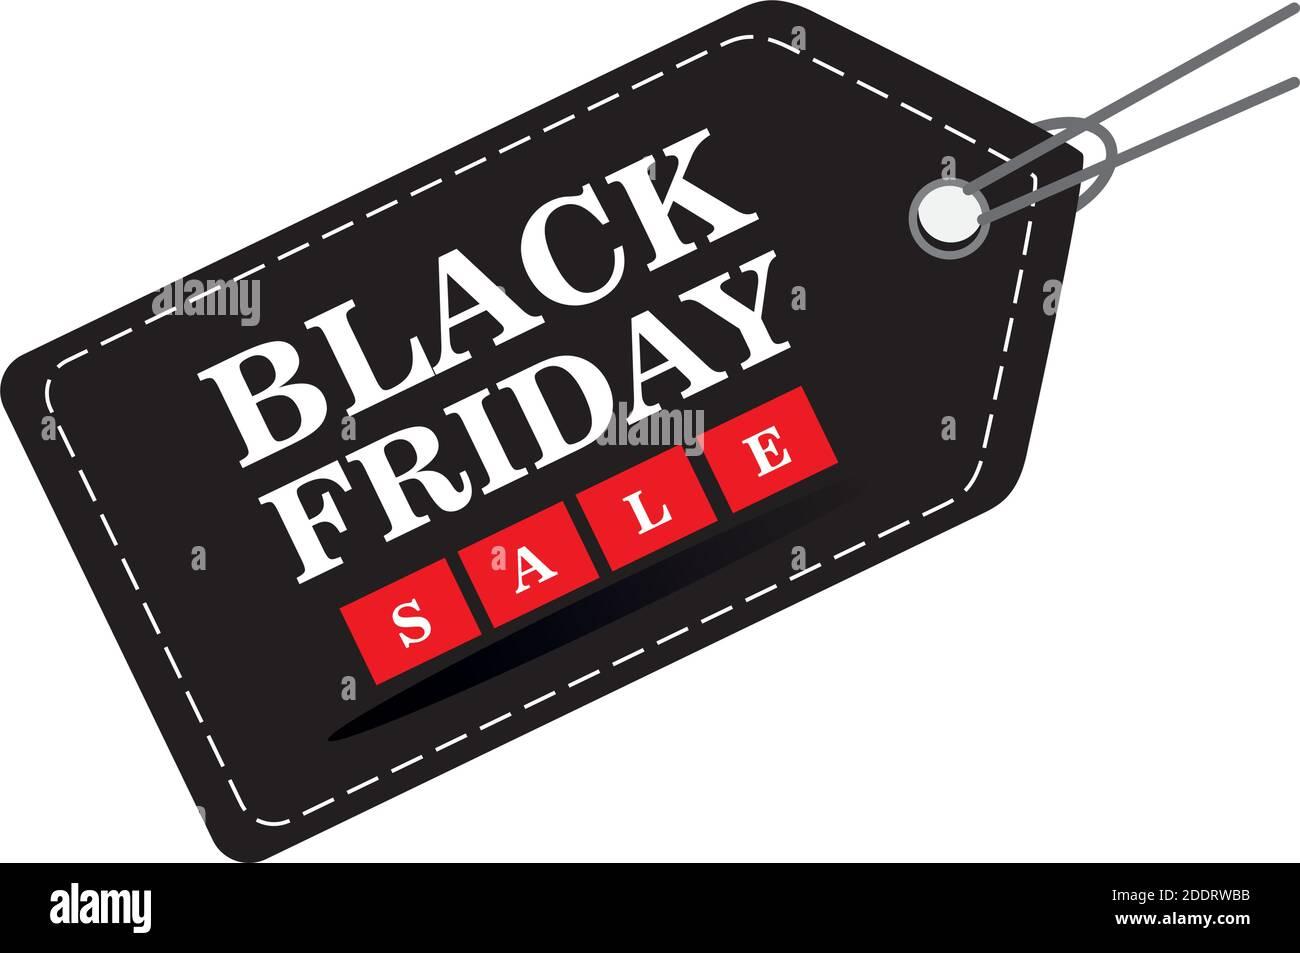 venta de viernes negro letras en etiqueta Ilustración del Vector